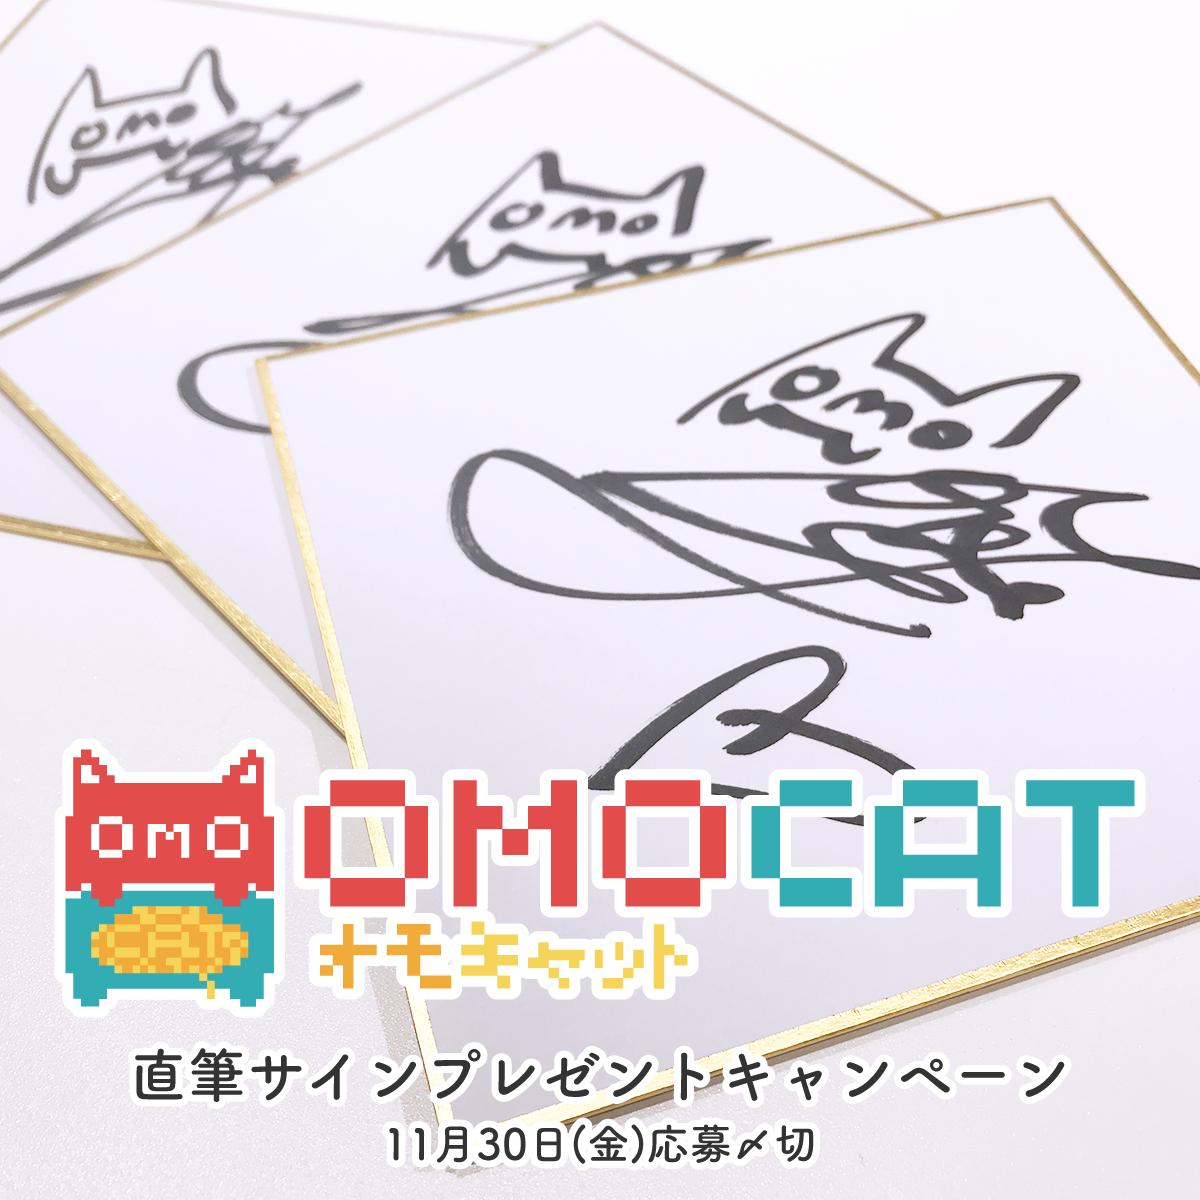 【PARKオンラインストア限定】OMOCAT直筆サインプレゼントキャンペーン